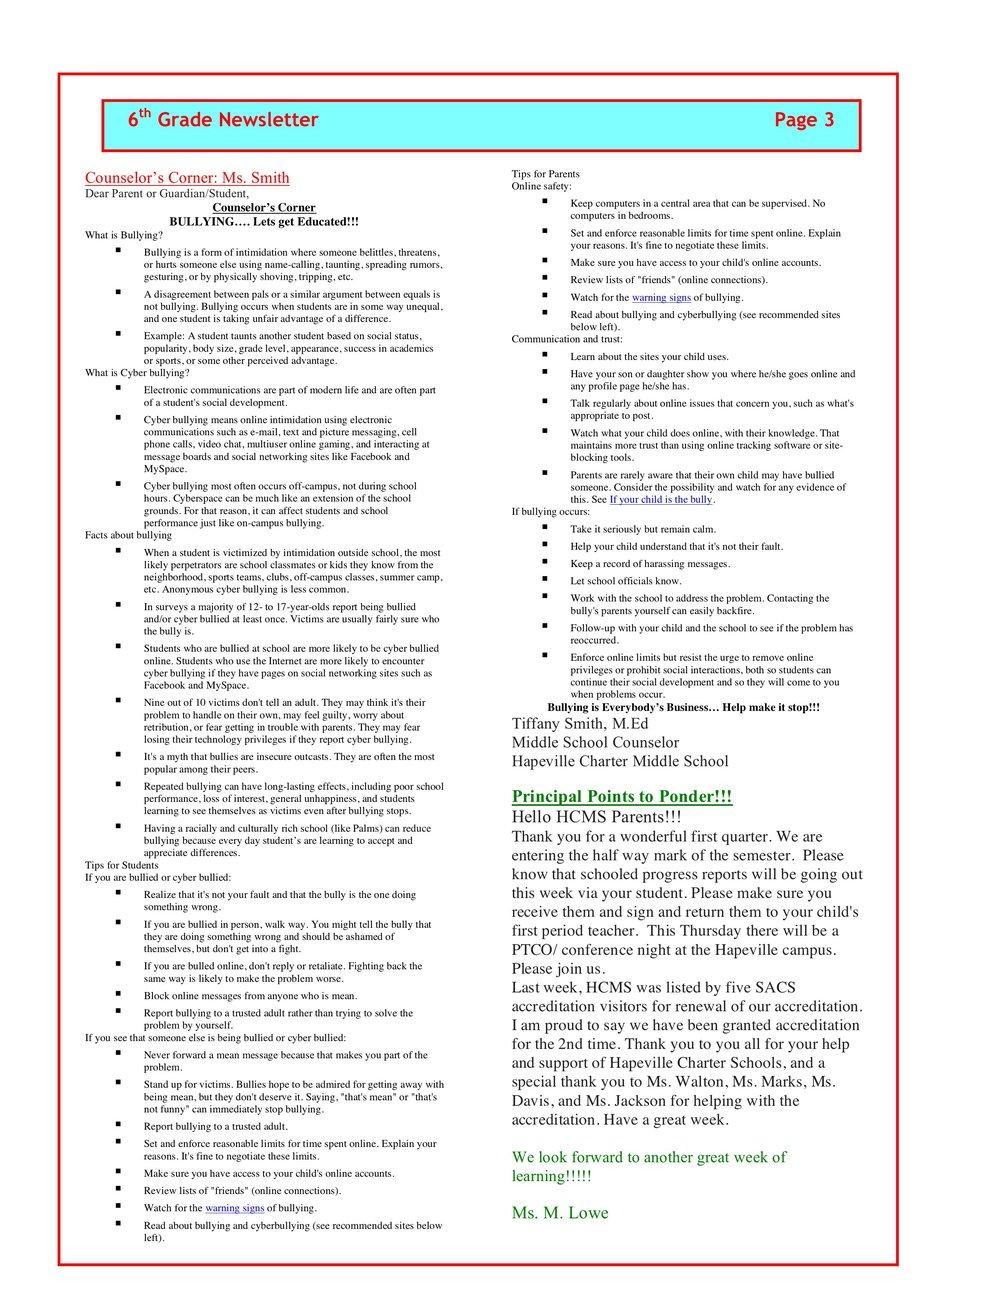 Newsletter Image6th Grade Newsletter 10-24 3.jpeg